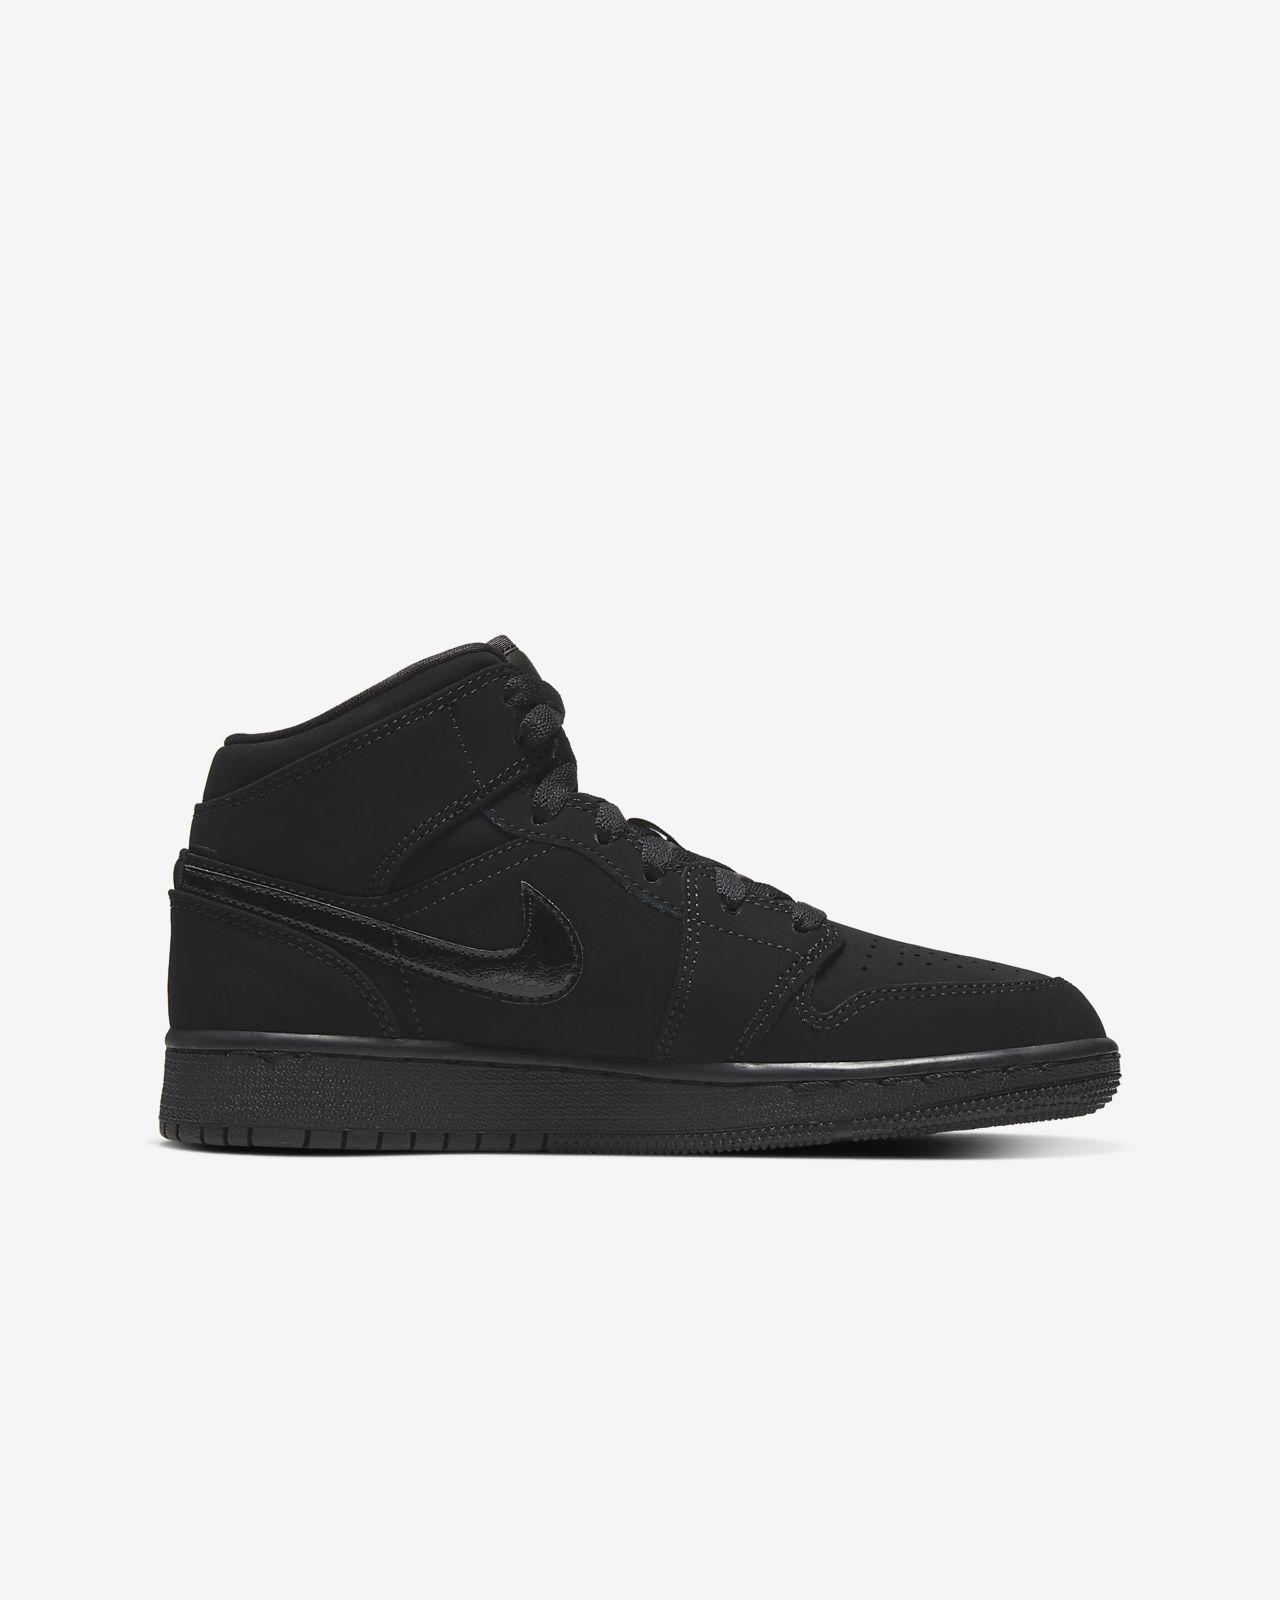 Jordan Skor 2019 2019 Nike Skor For Sale Man Air Jordan 12